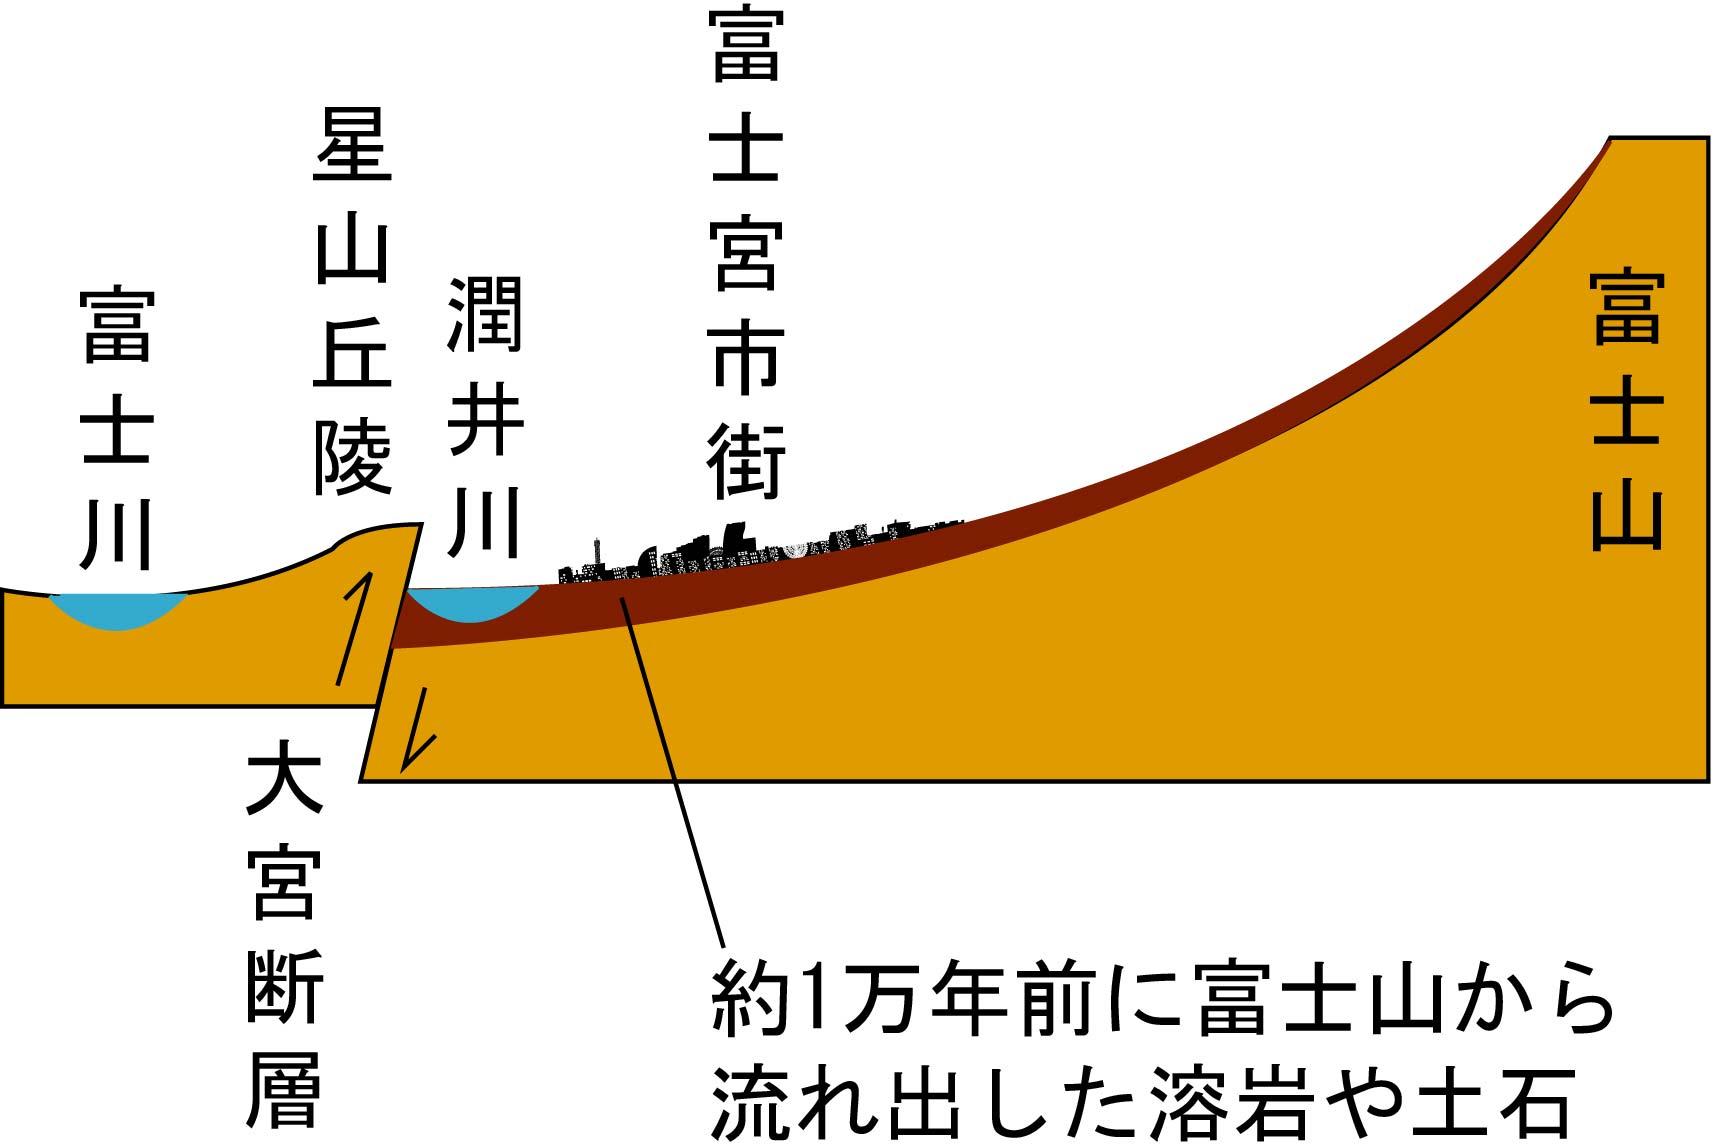 富士宮市街のでき方